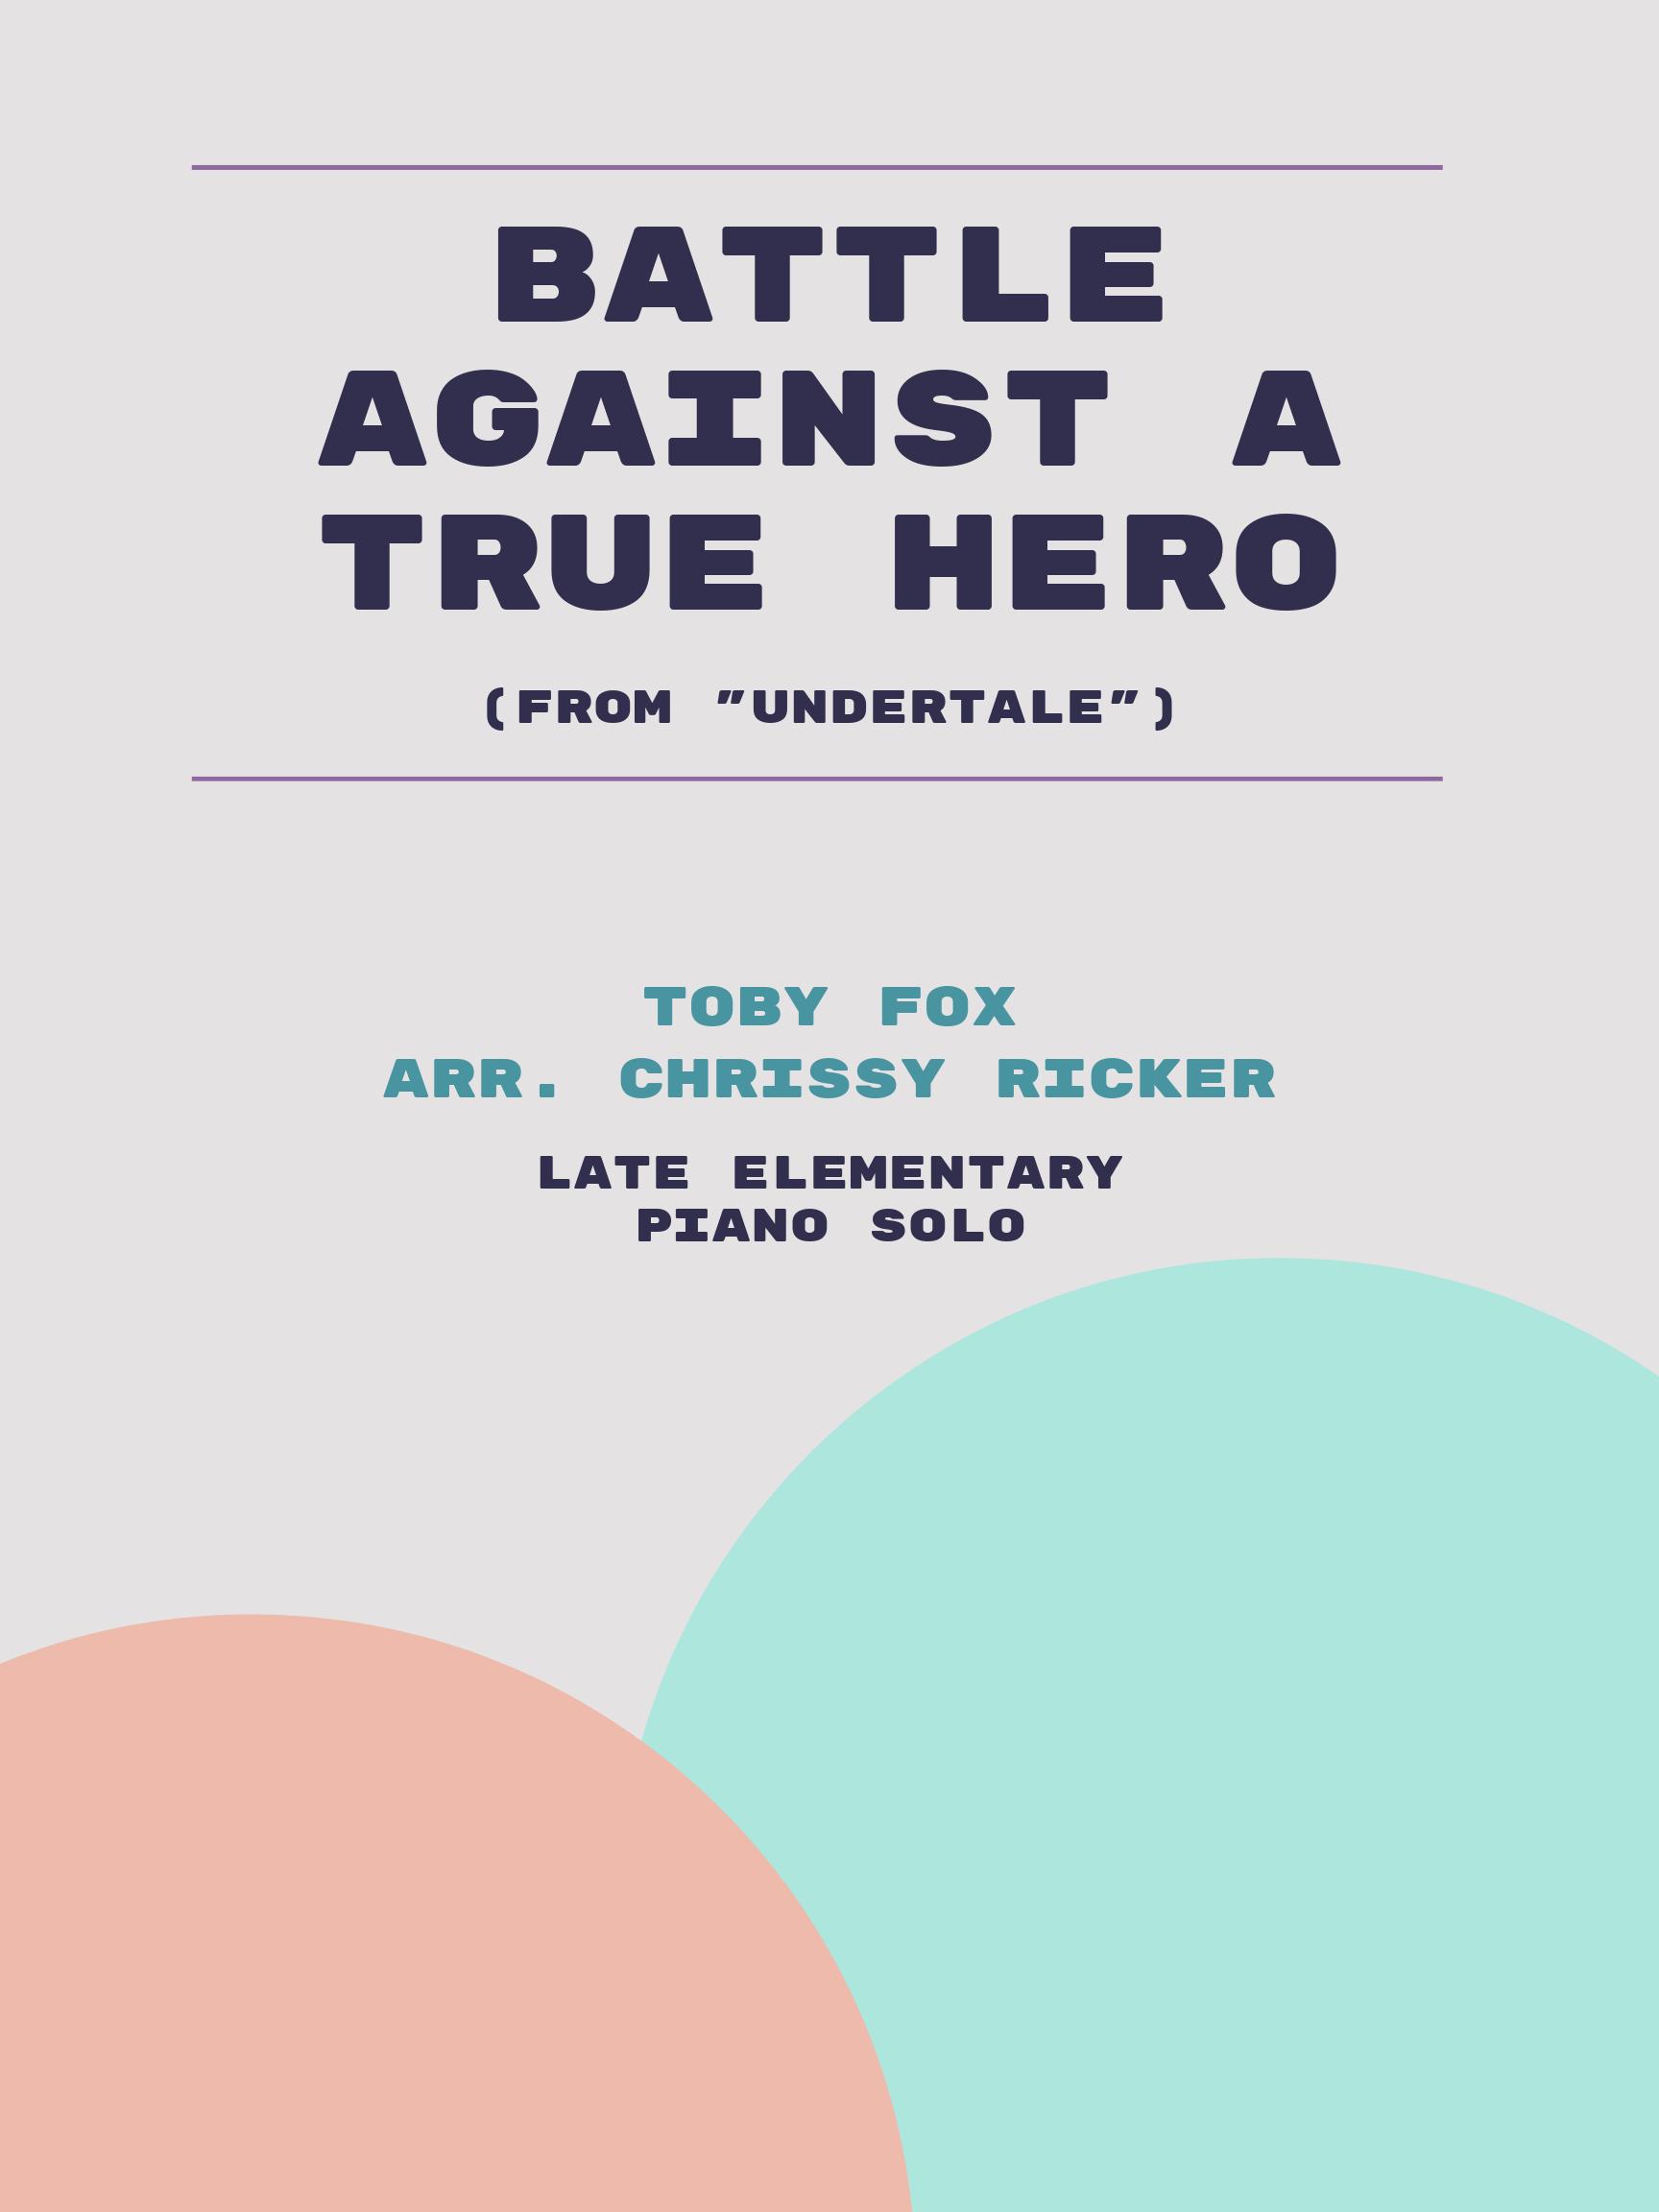 Battle Against a True Hero by Toby Fox